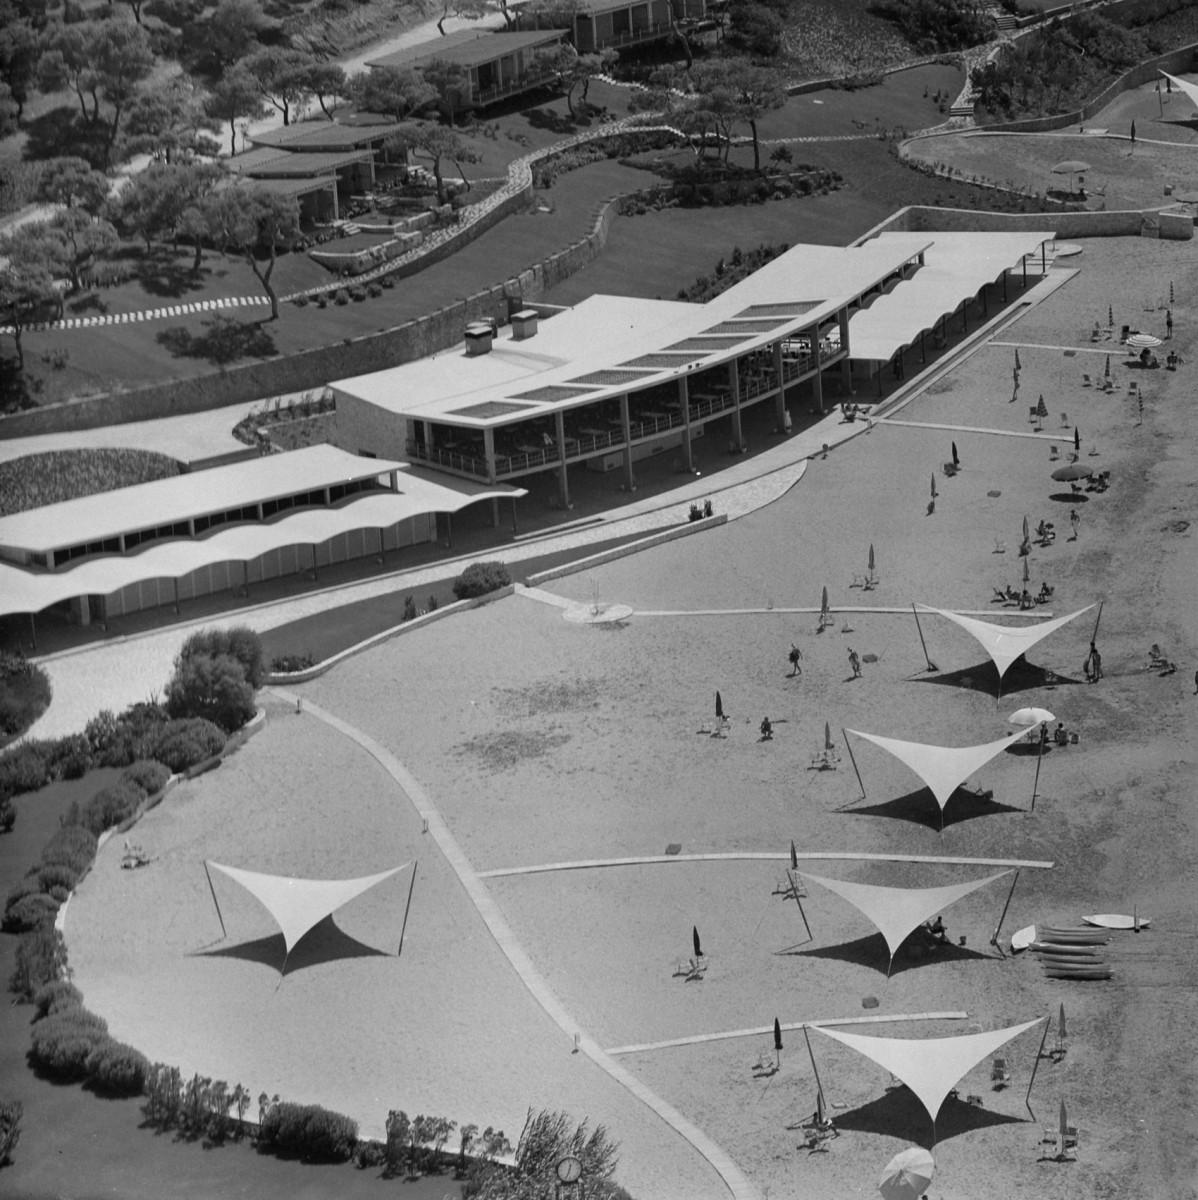 Λουτρικές εγκαταστάσεις Ακτής Αστέρος Βουλιαγμένης, 1959. Έργο του Εμμανουήλ Βουρέκα. Συνεργάτες αρχιτέκτονες:  Π. Σακελάριος, Π. Βασιλειάδης.